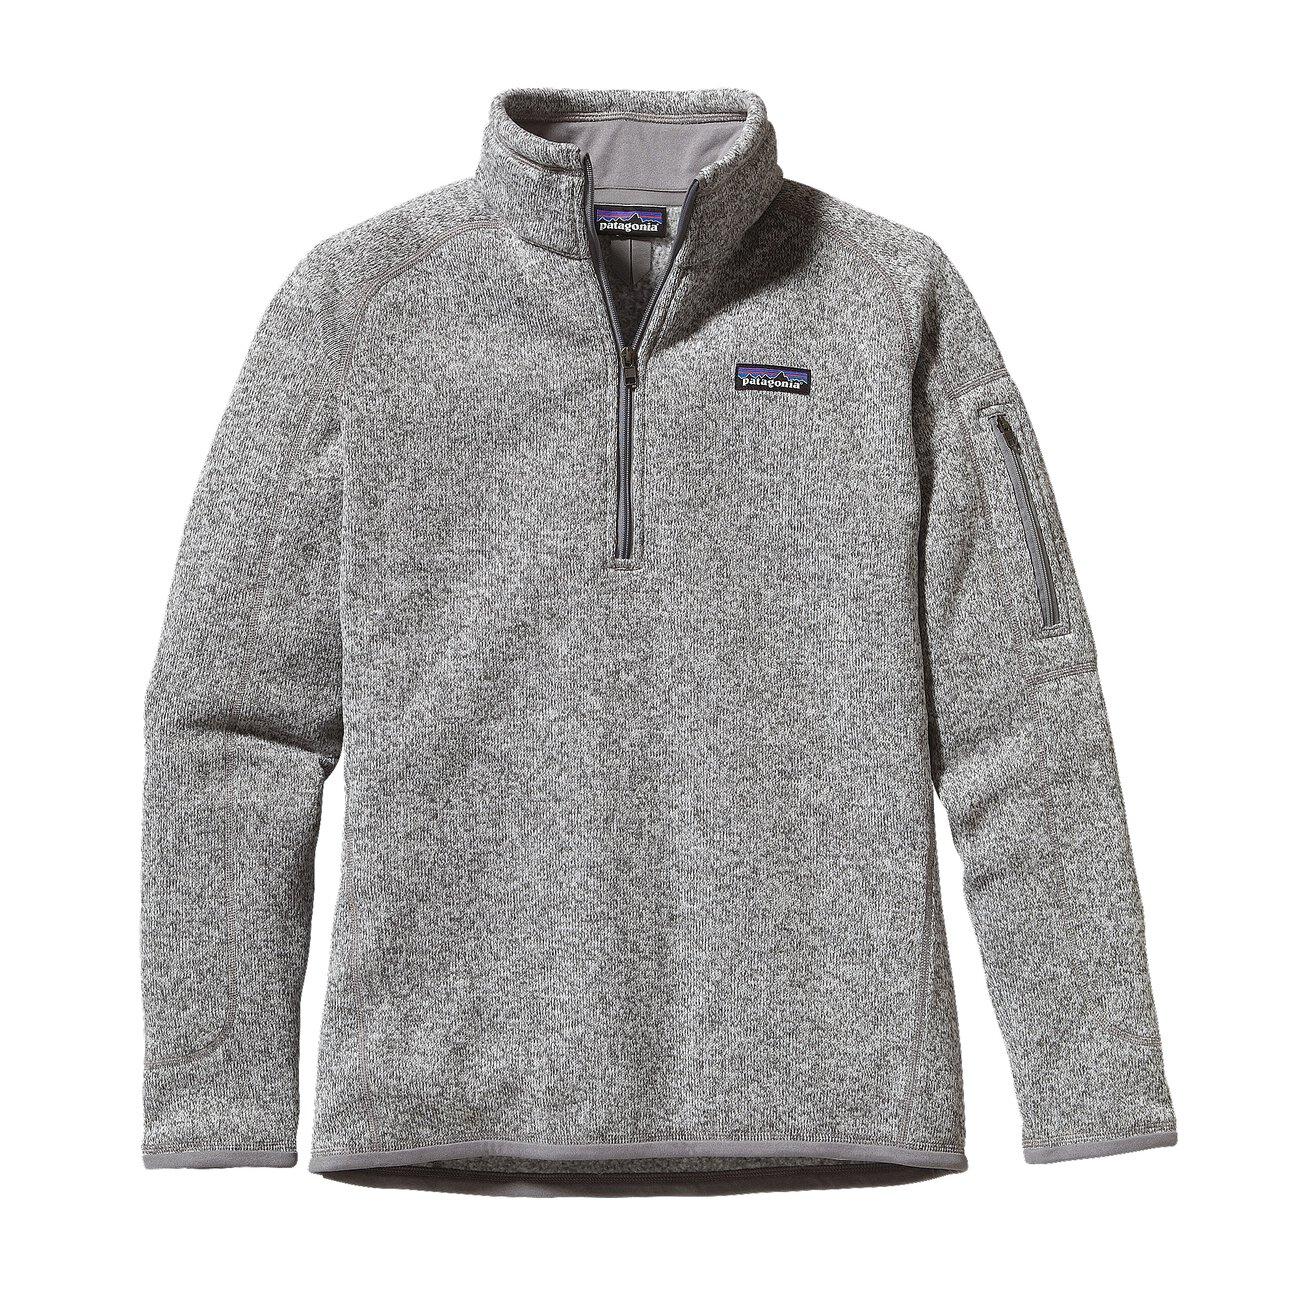 patagonia zip fleece jacket cyber monday